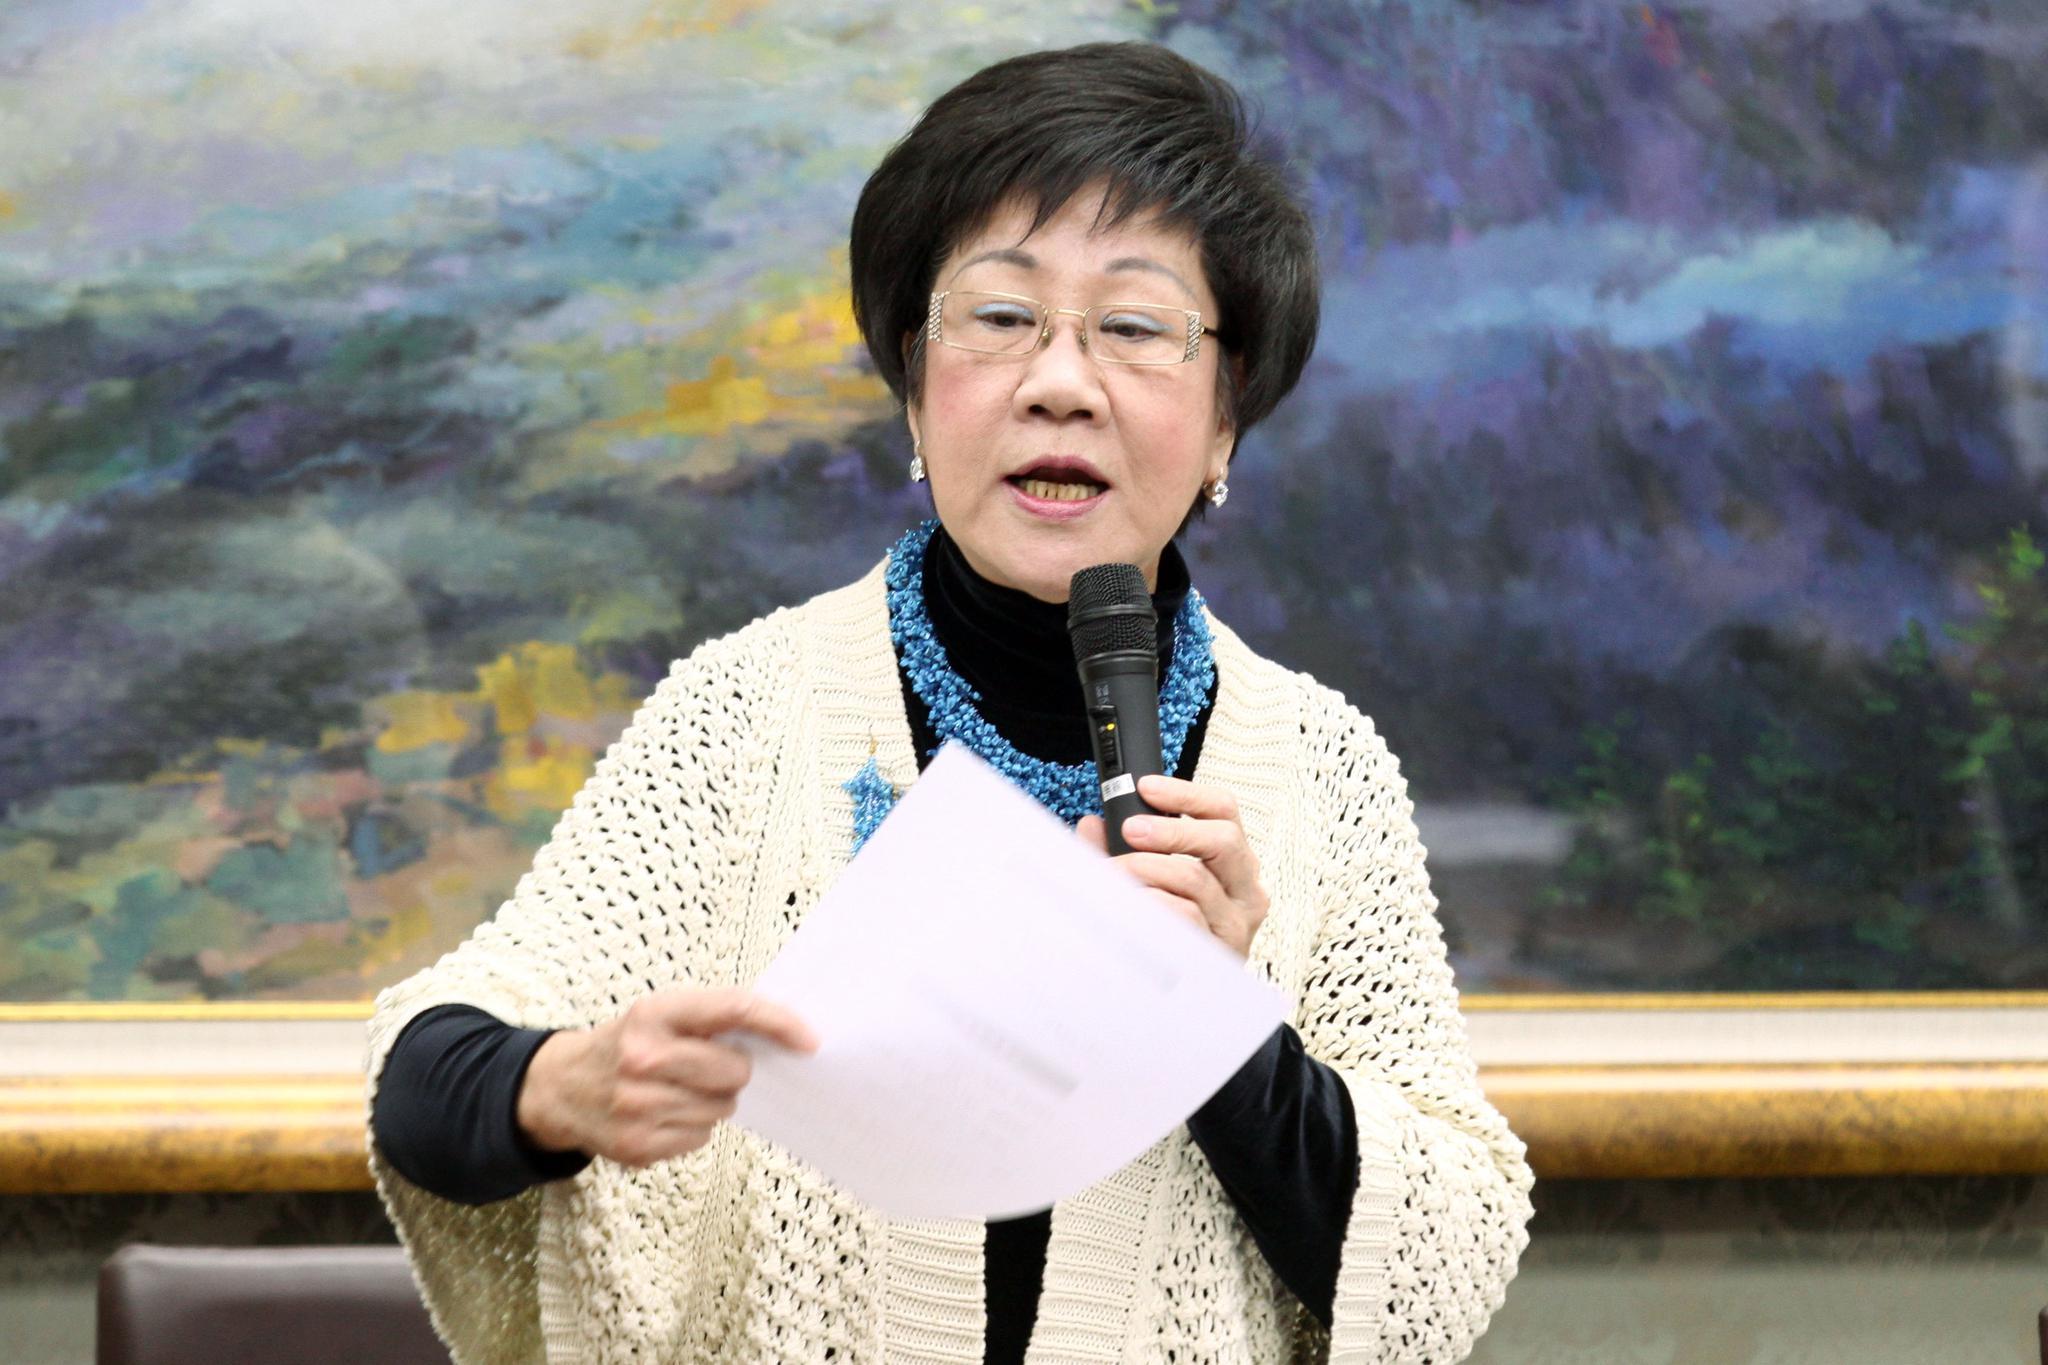 """吕秀莲访问泰国被再次拒发签证 称""""没有放弃"""""""